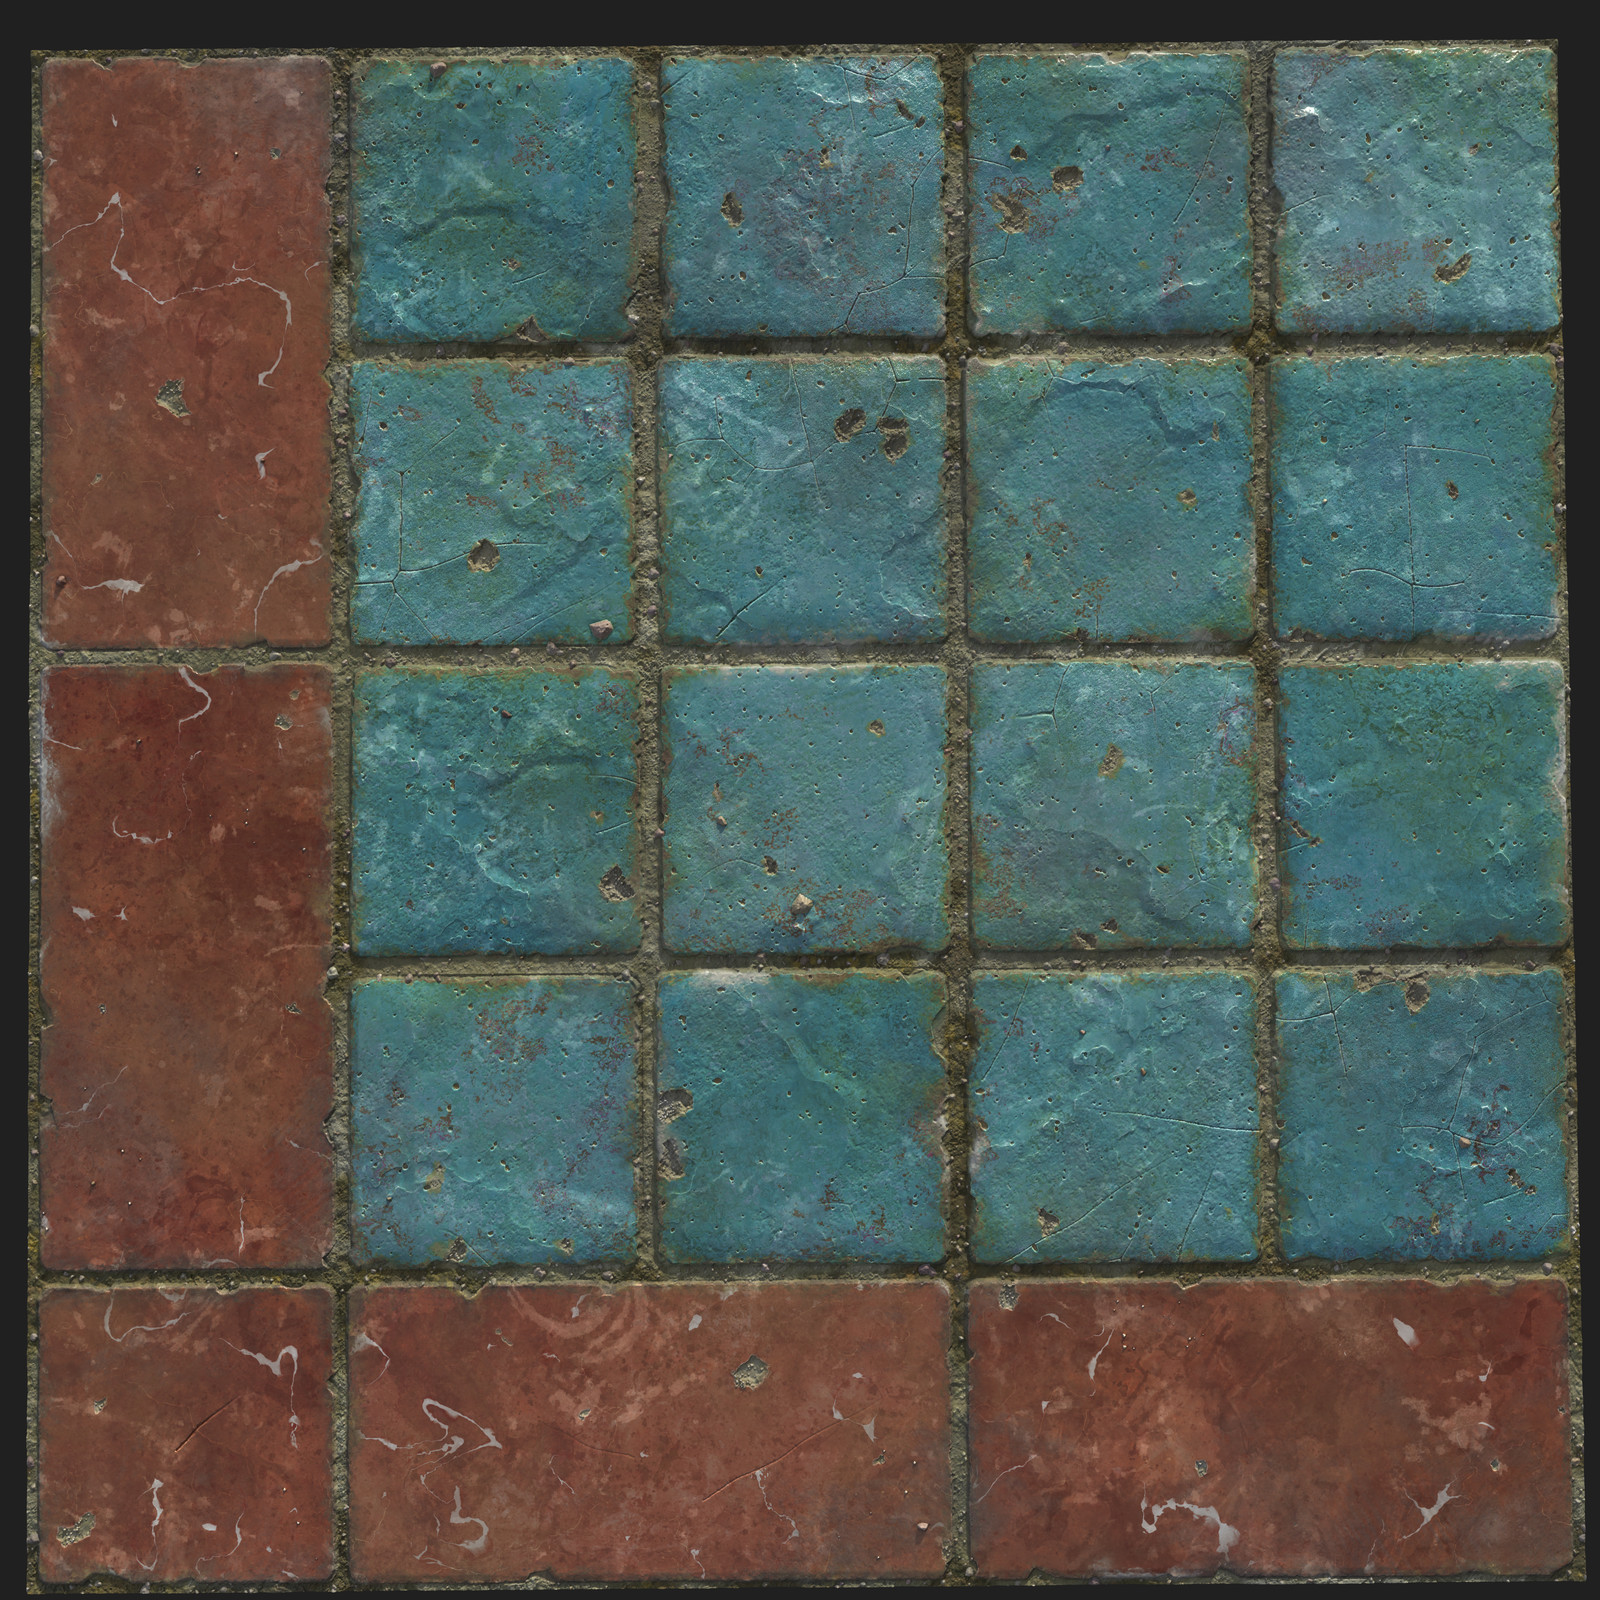 Random_Tiles_01 - 100% Substance Designer